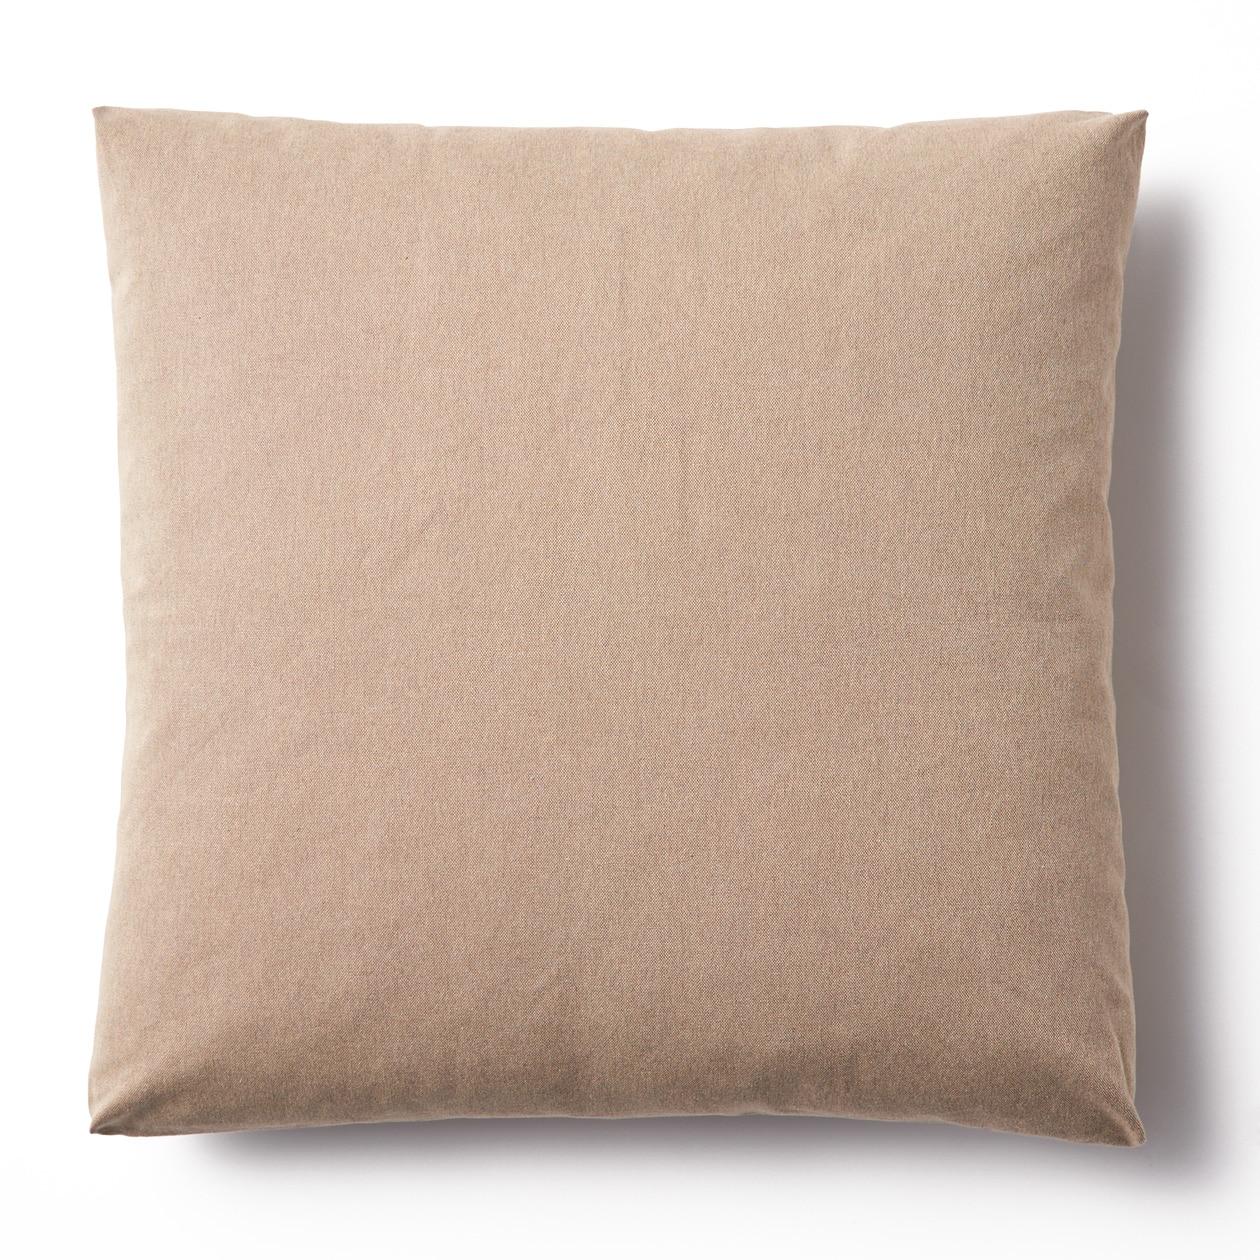 綿平織ユニットソファ用羽根クッションカバー/ベージュ ベージュ